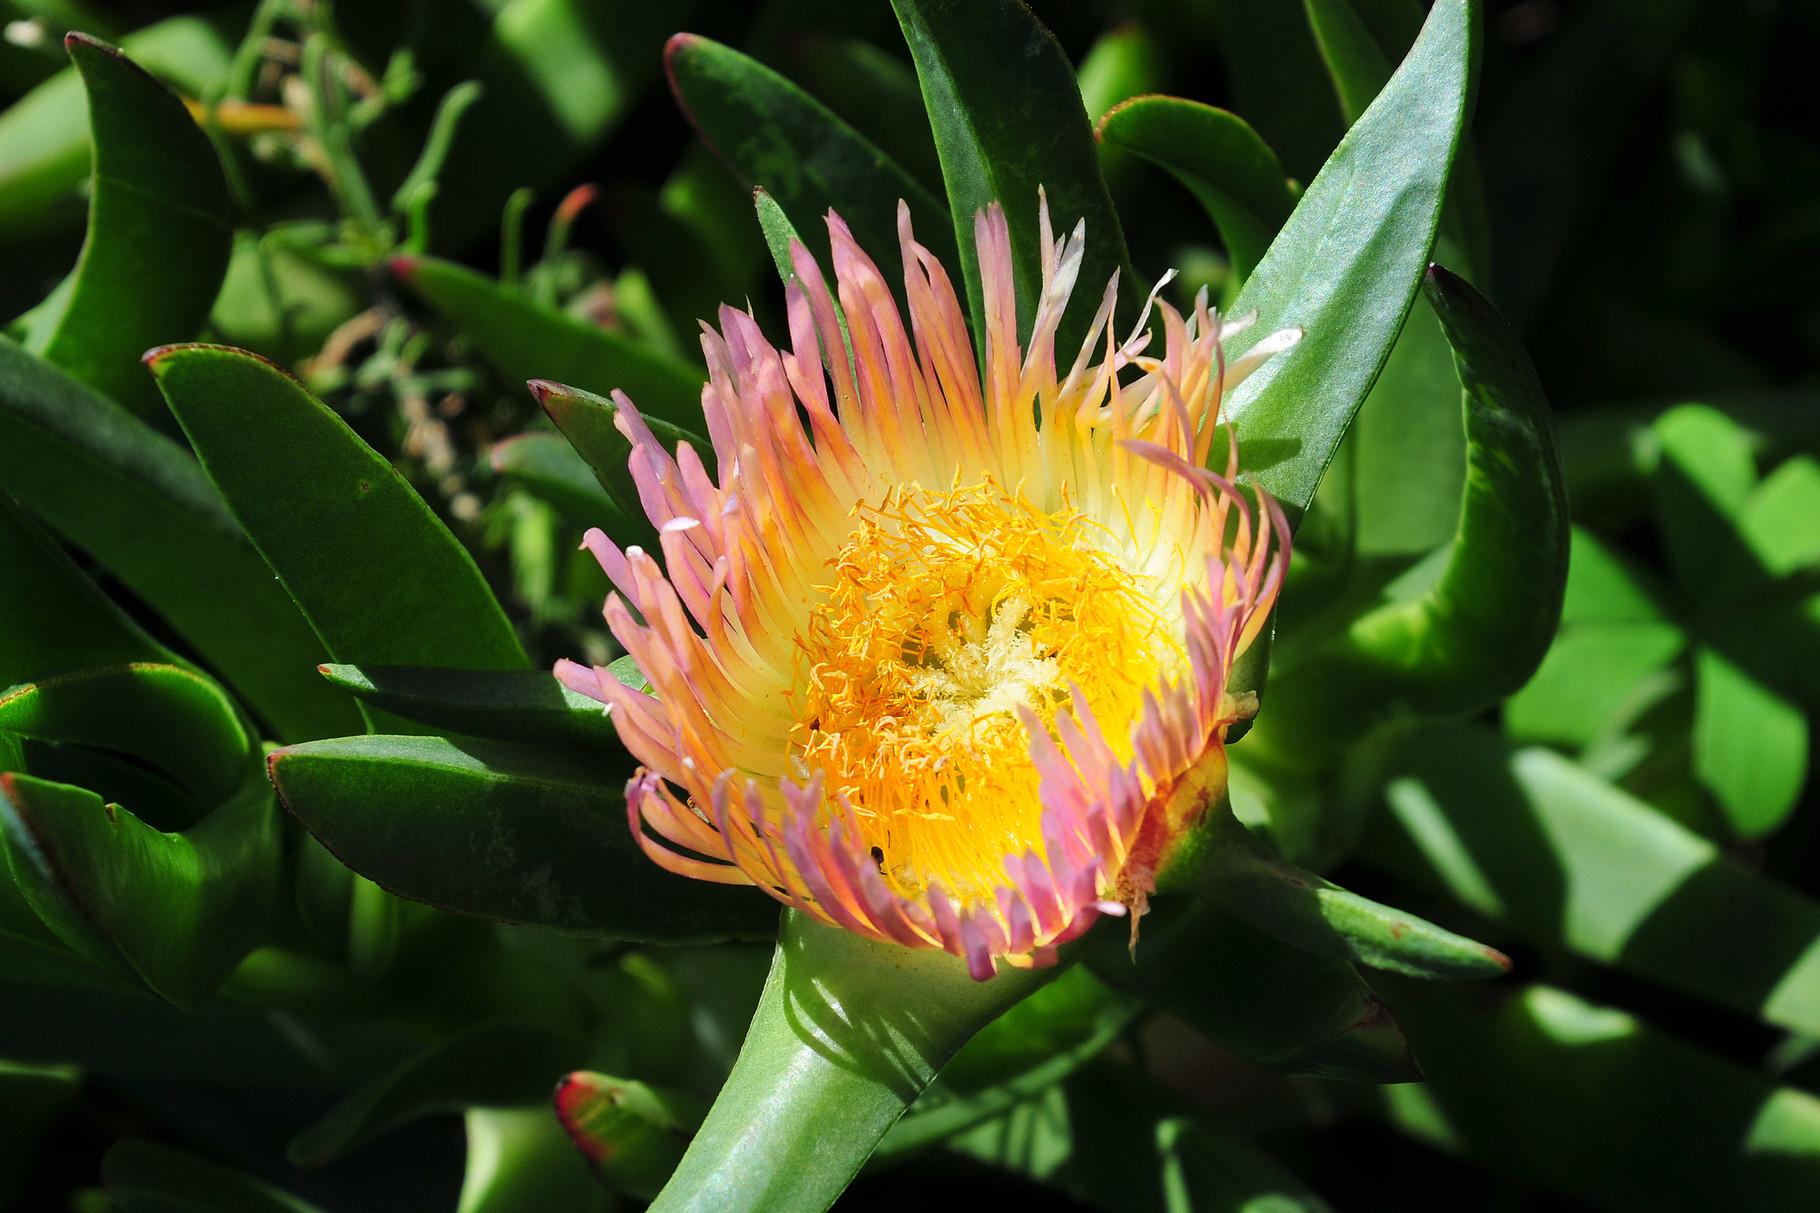 Auch die Sukkulenten Blüten sind hier sehenswert